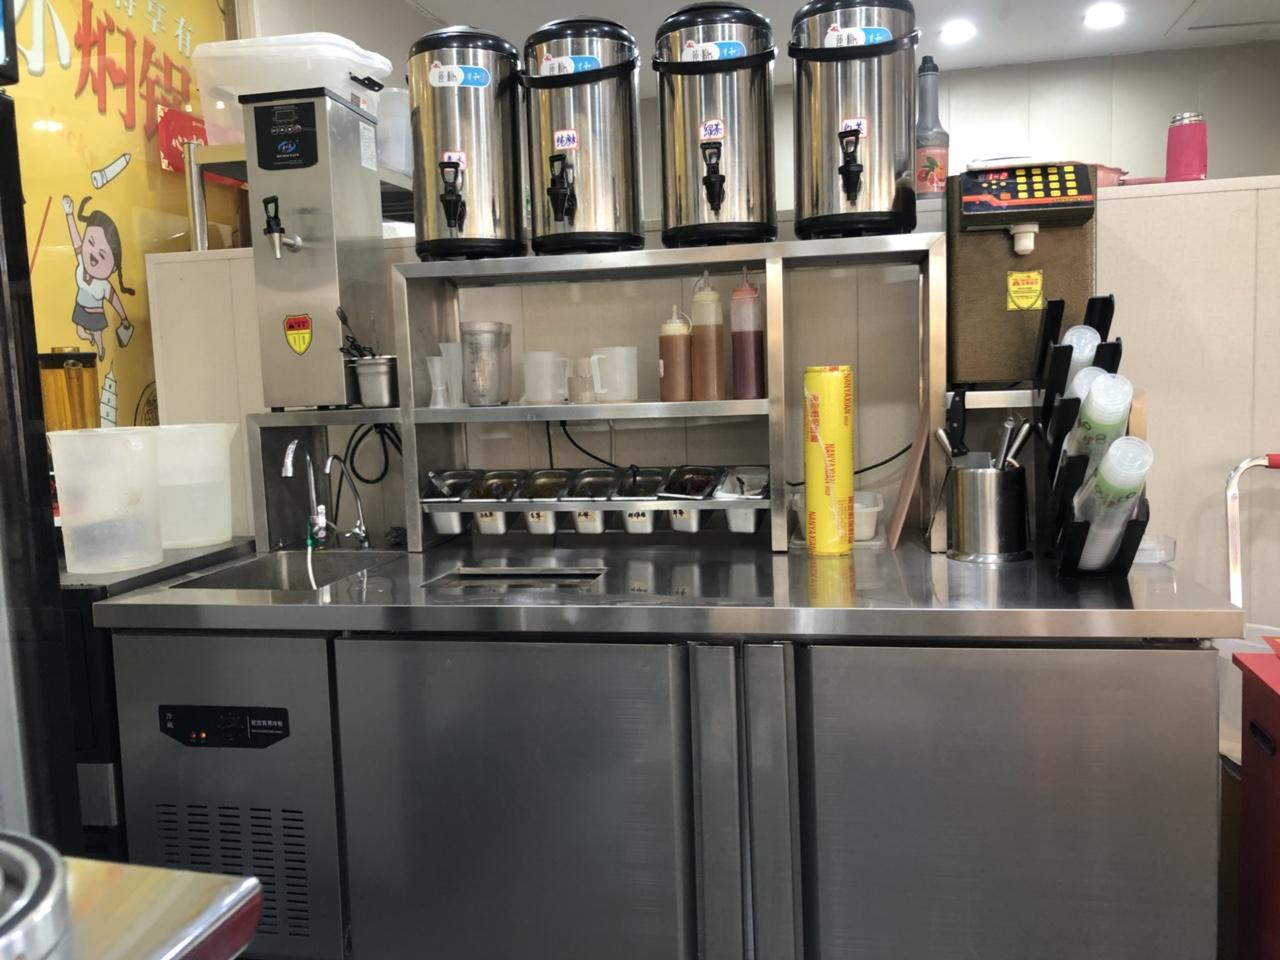 95新全套奶茶设备,冰箱2个,商用3米*1.2米油烟机,现低价